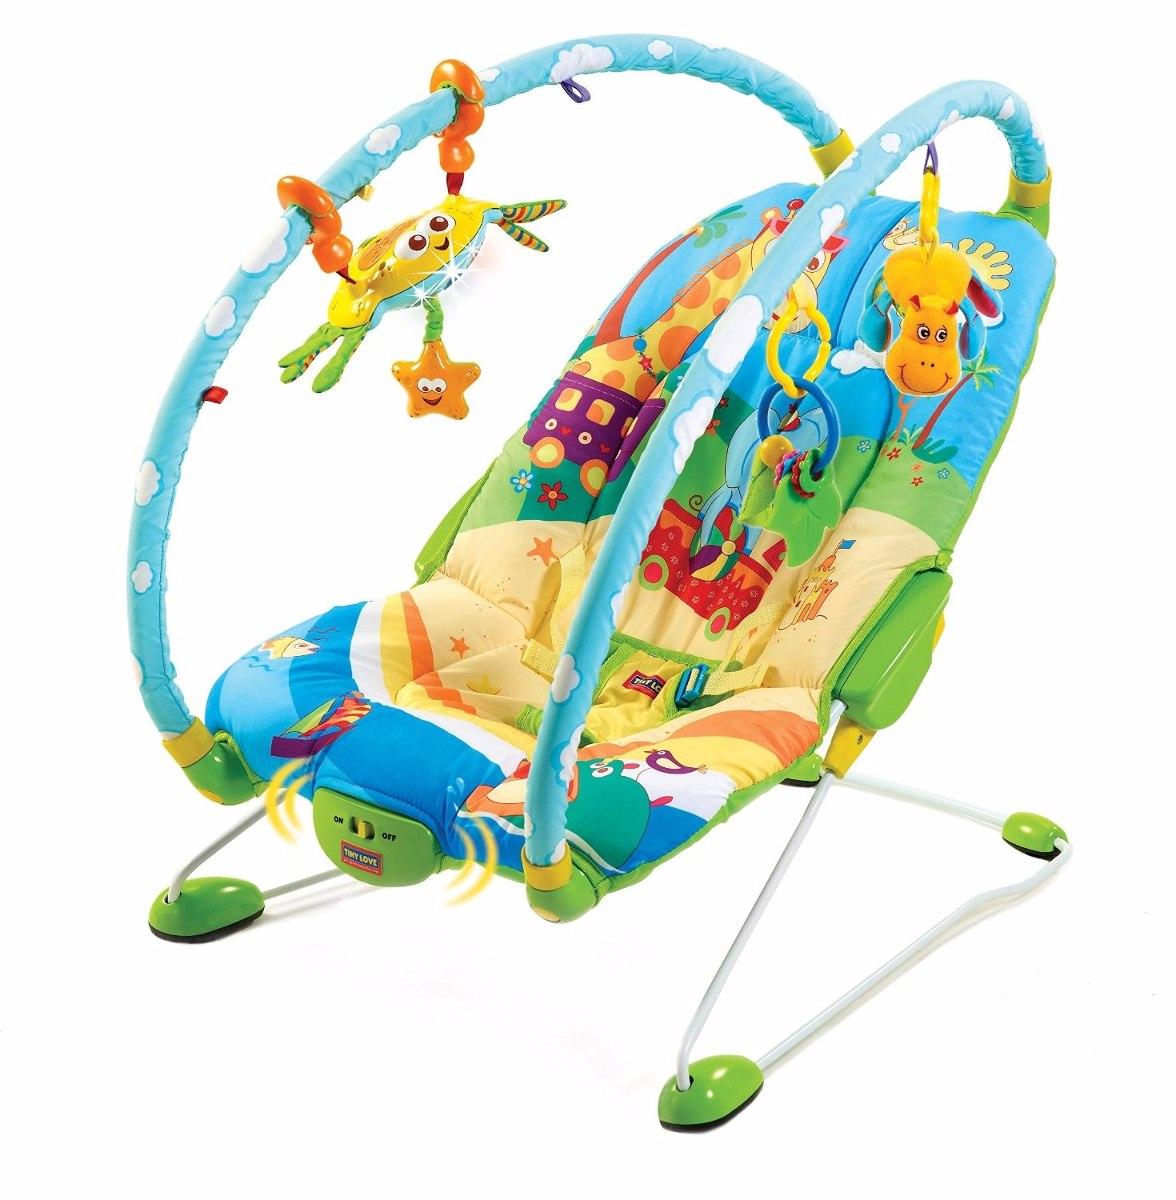 Cadeira De Balanço Tiny Love Gymini Bouncer Azul/amarelo R$ 499  #0B8BC0 1176x1200